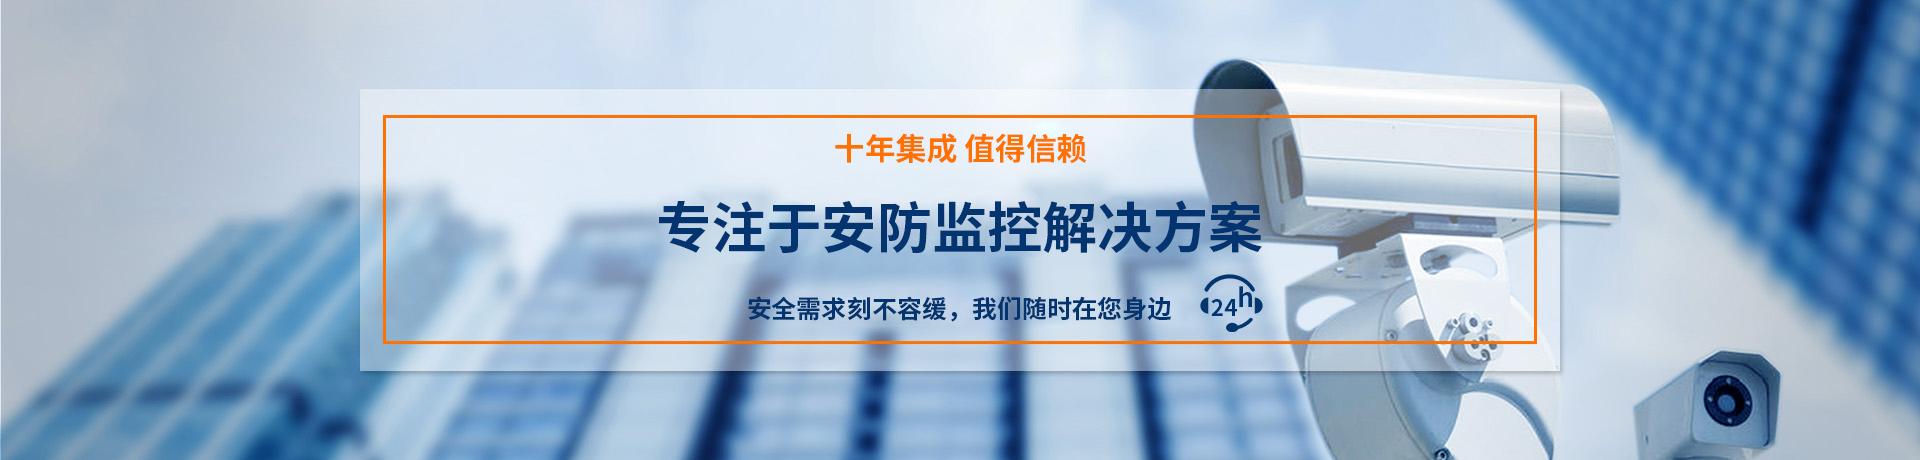 重庆监控公司